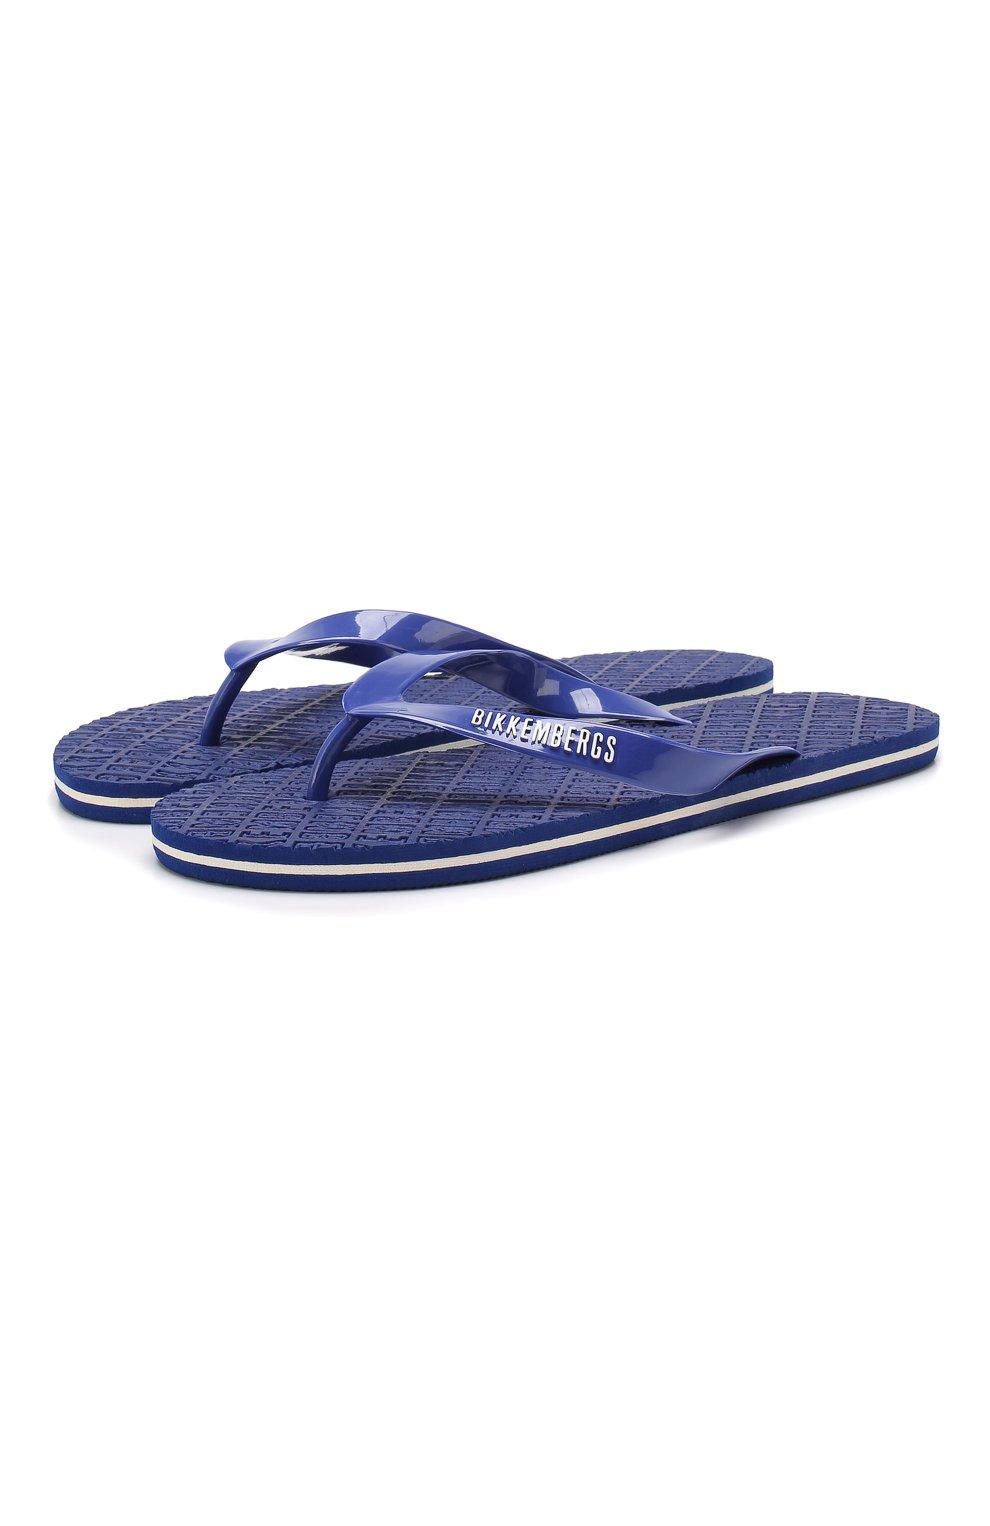 11174dd1 Мужская обувь Dirk Bikkembergs по цене от 3 370 руб. купить в интернет- магазине ЦУМ